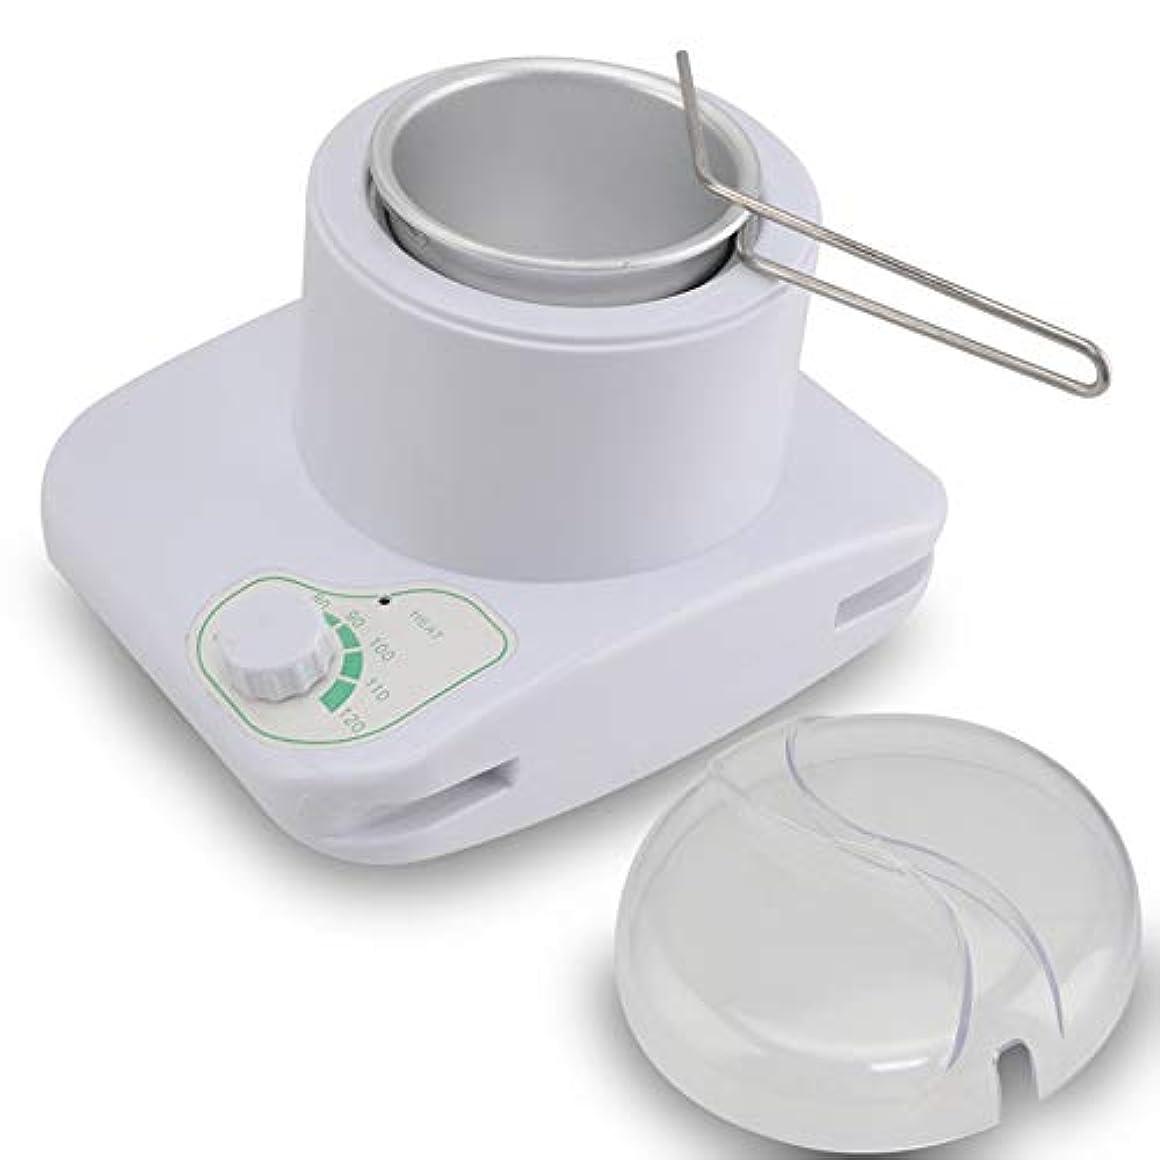 塩辛い居心地の良いスティック脱毛のための温度制御室のためのワックス脱毛ワックスヒーターパラフィンヒーターを加熱する電気ワックスマシン